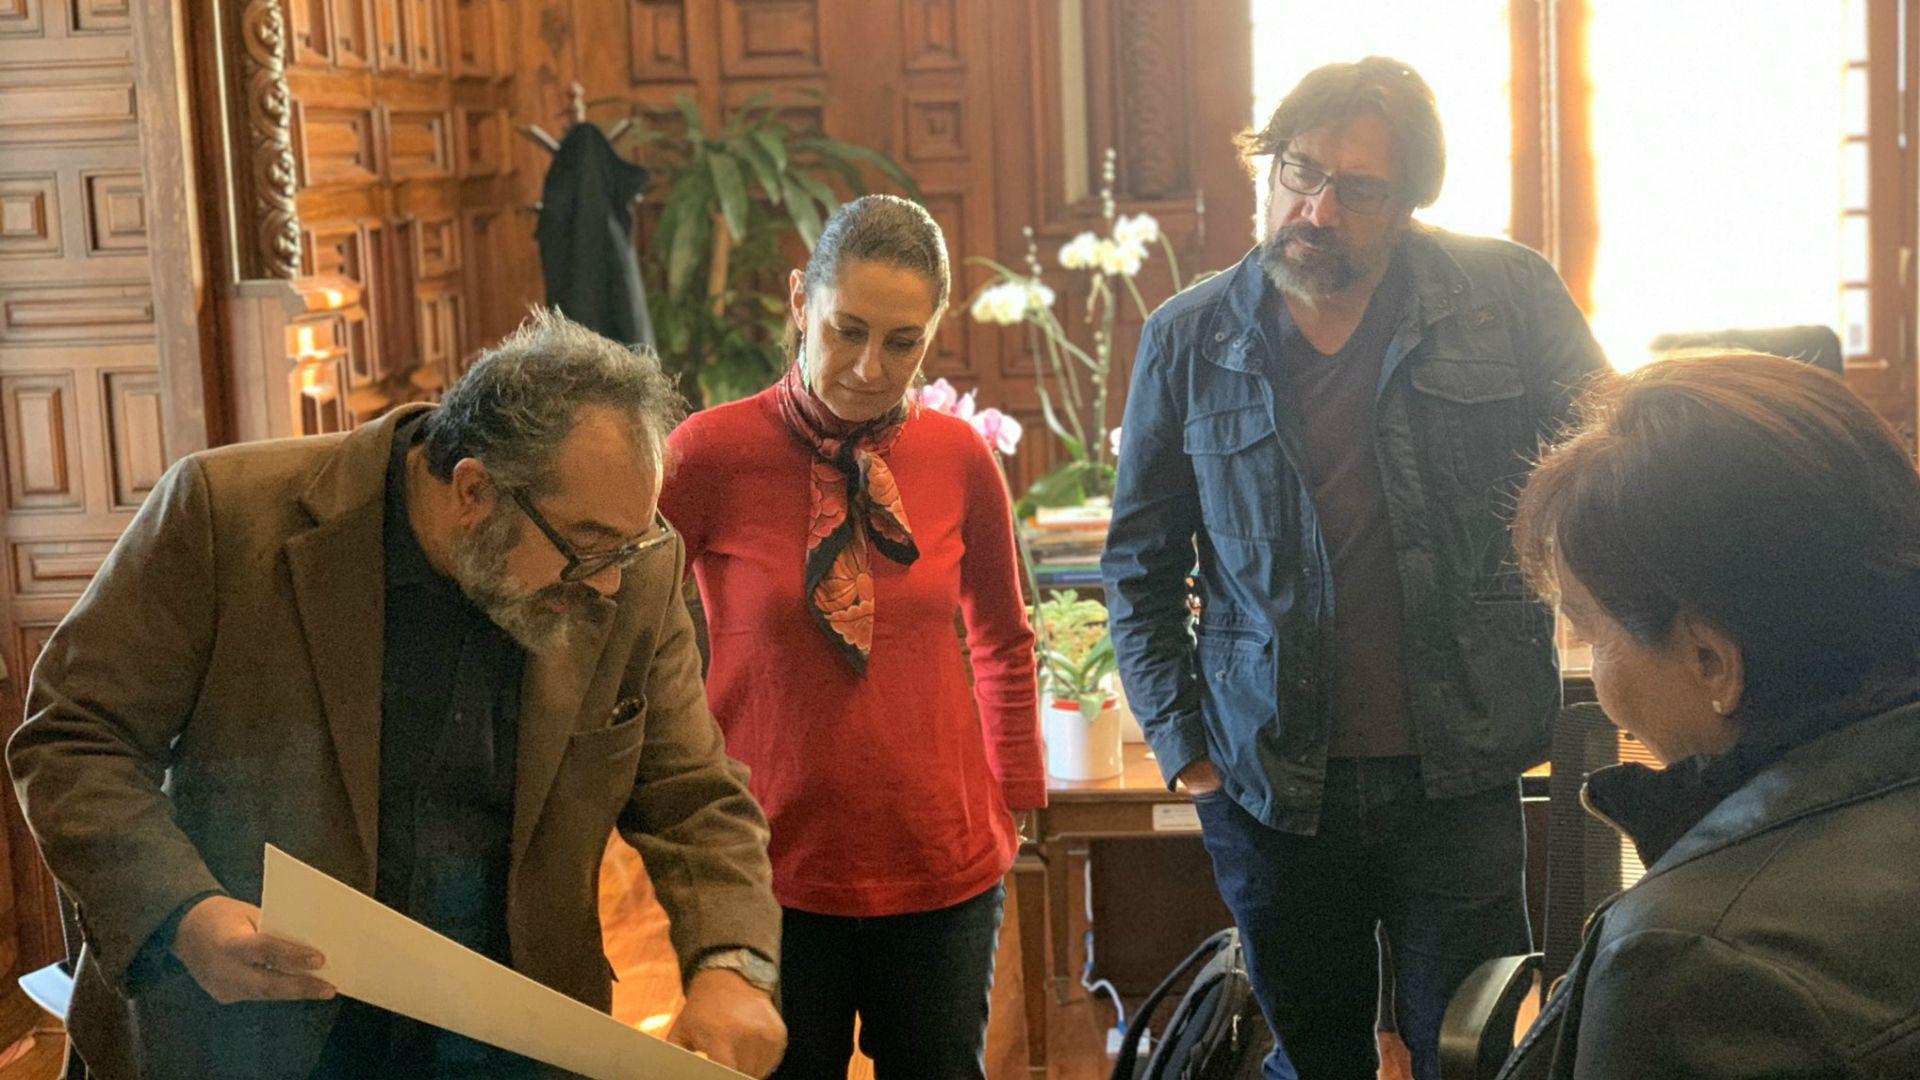 Eugenio Caballero, Claudia Sheinbaum y Javier Bardem se reunieron el pasado diciembre (Foto: Twitter)